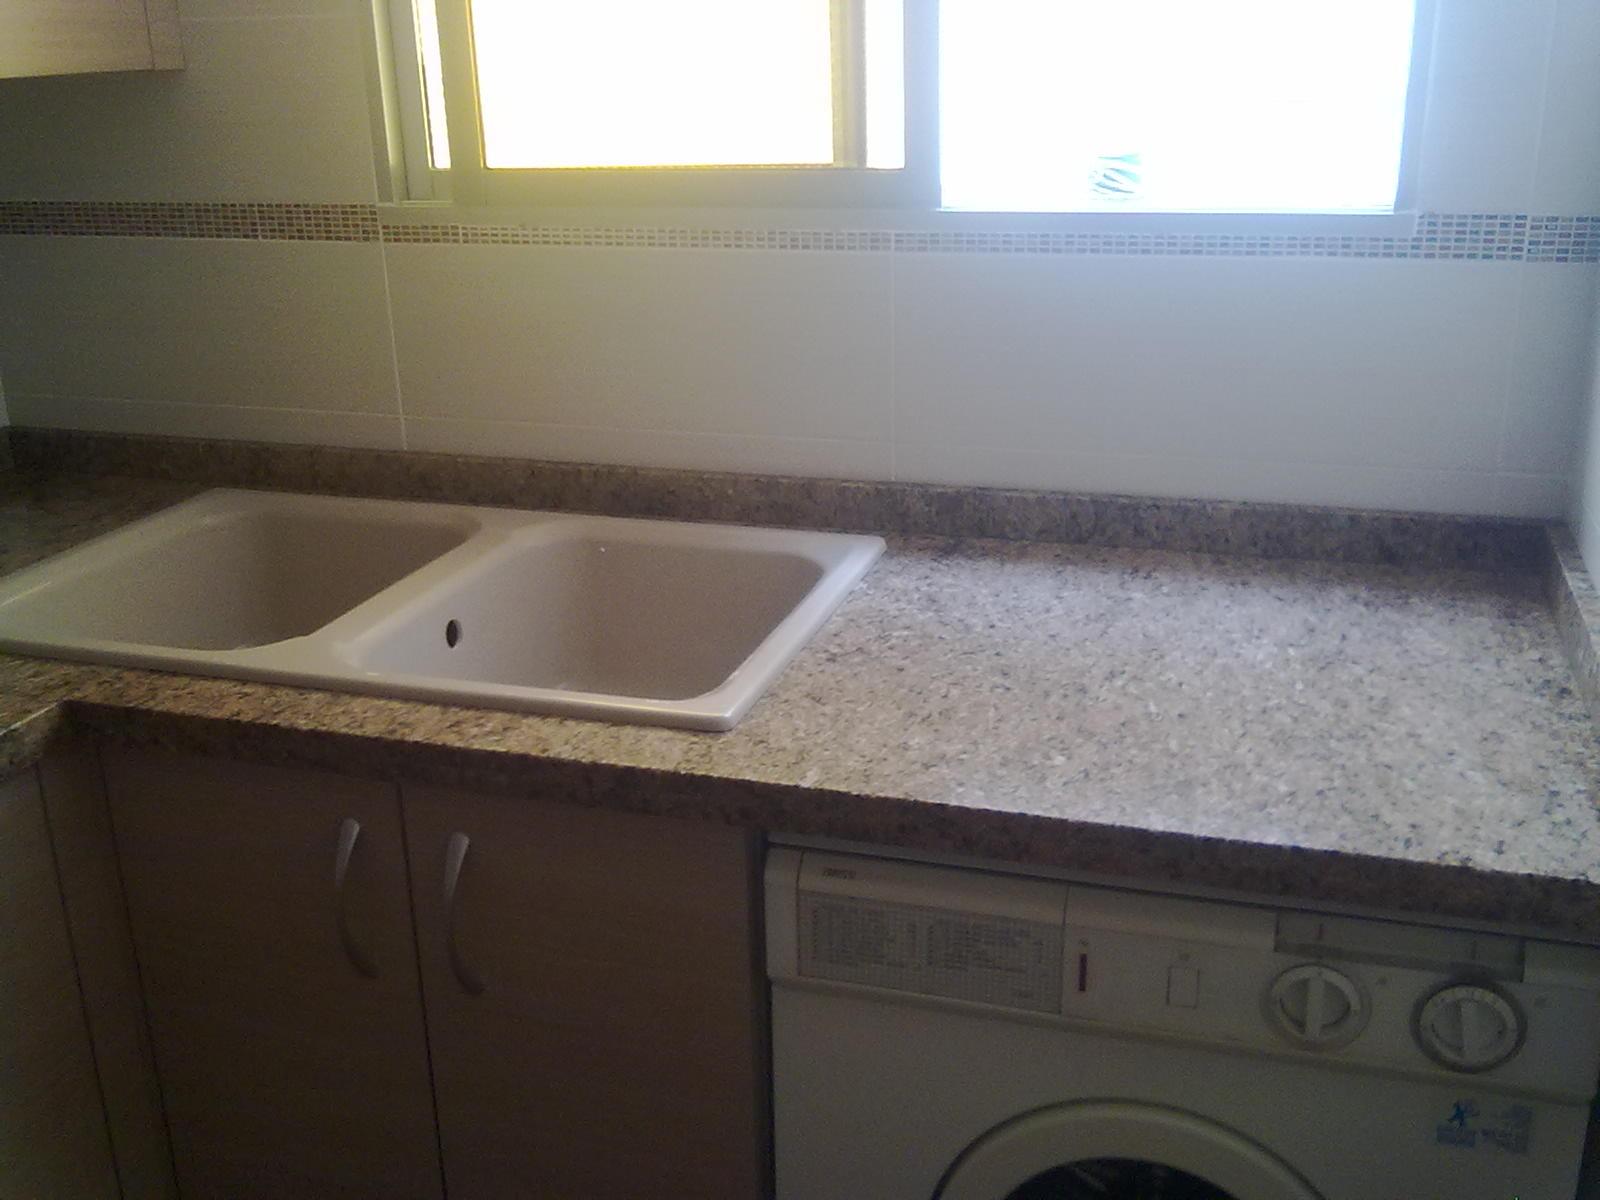 Marmoles vedat s l u encimera granito importado sahara for Granito importado colores